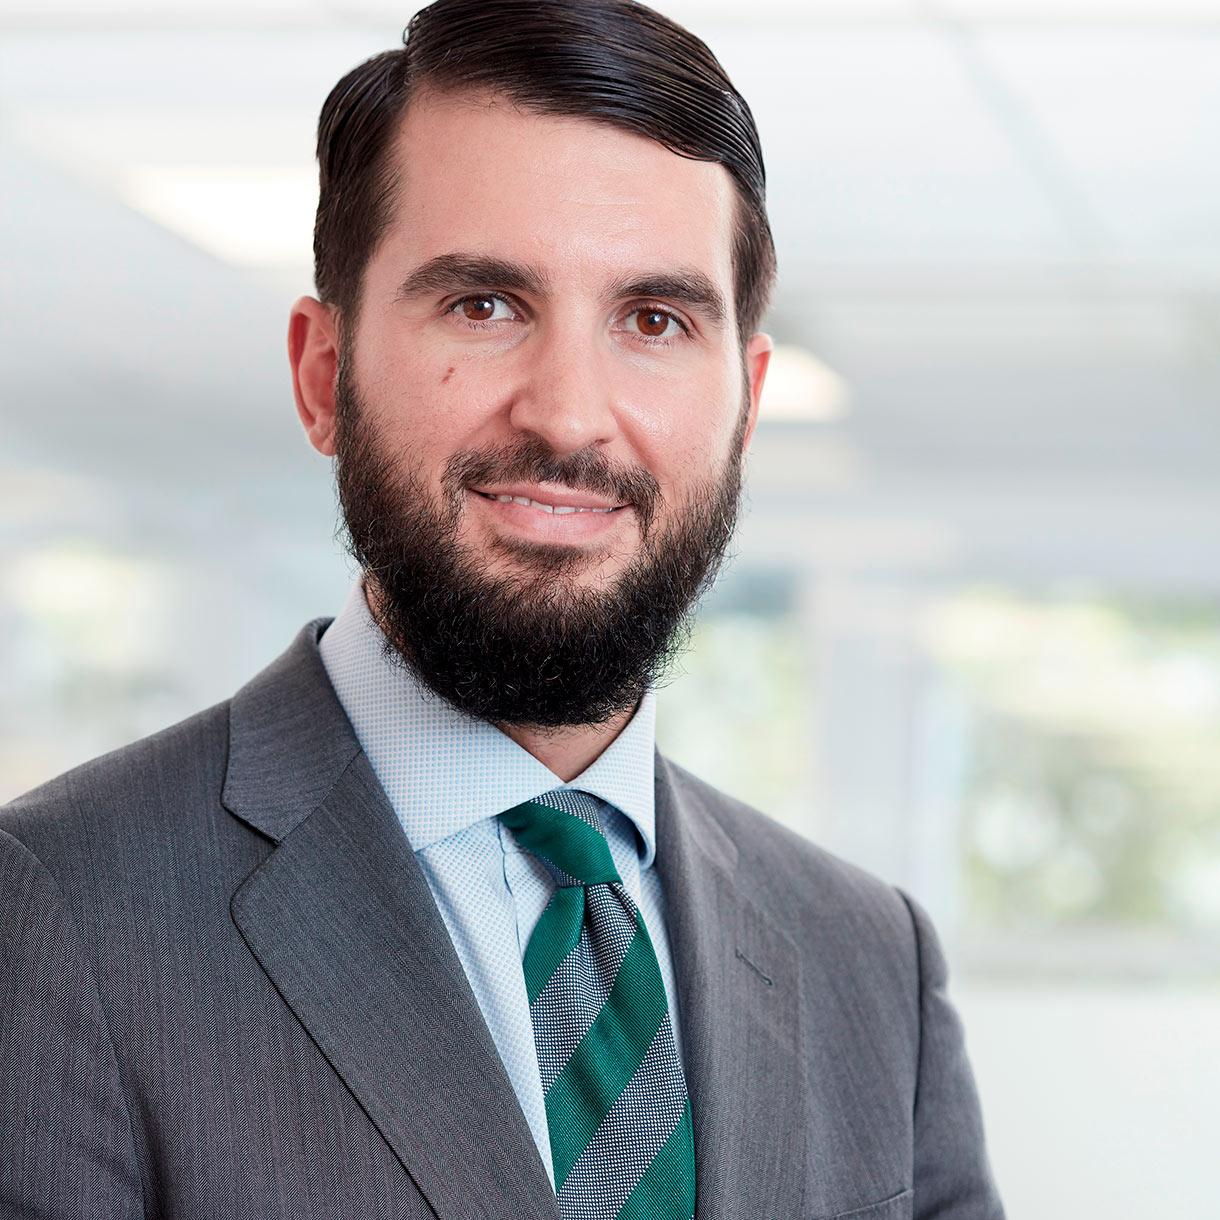 Carlos A. Grande Grandas